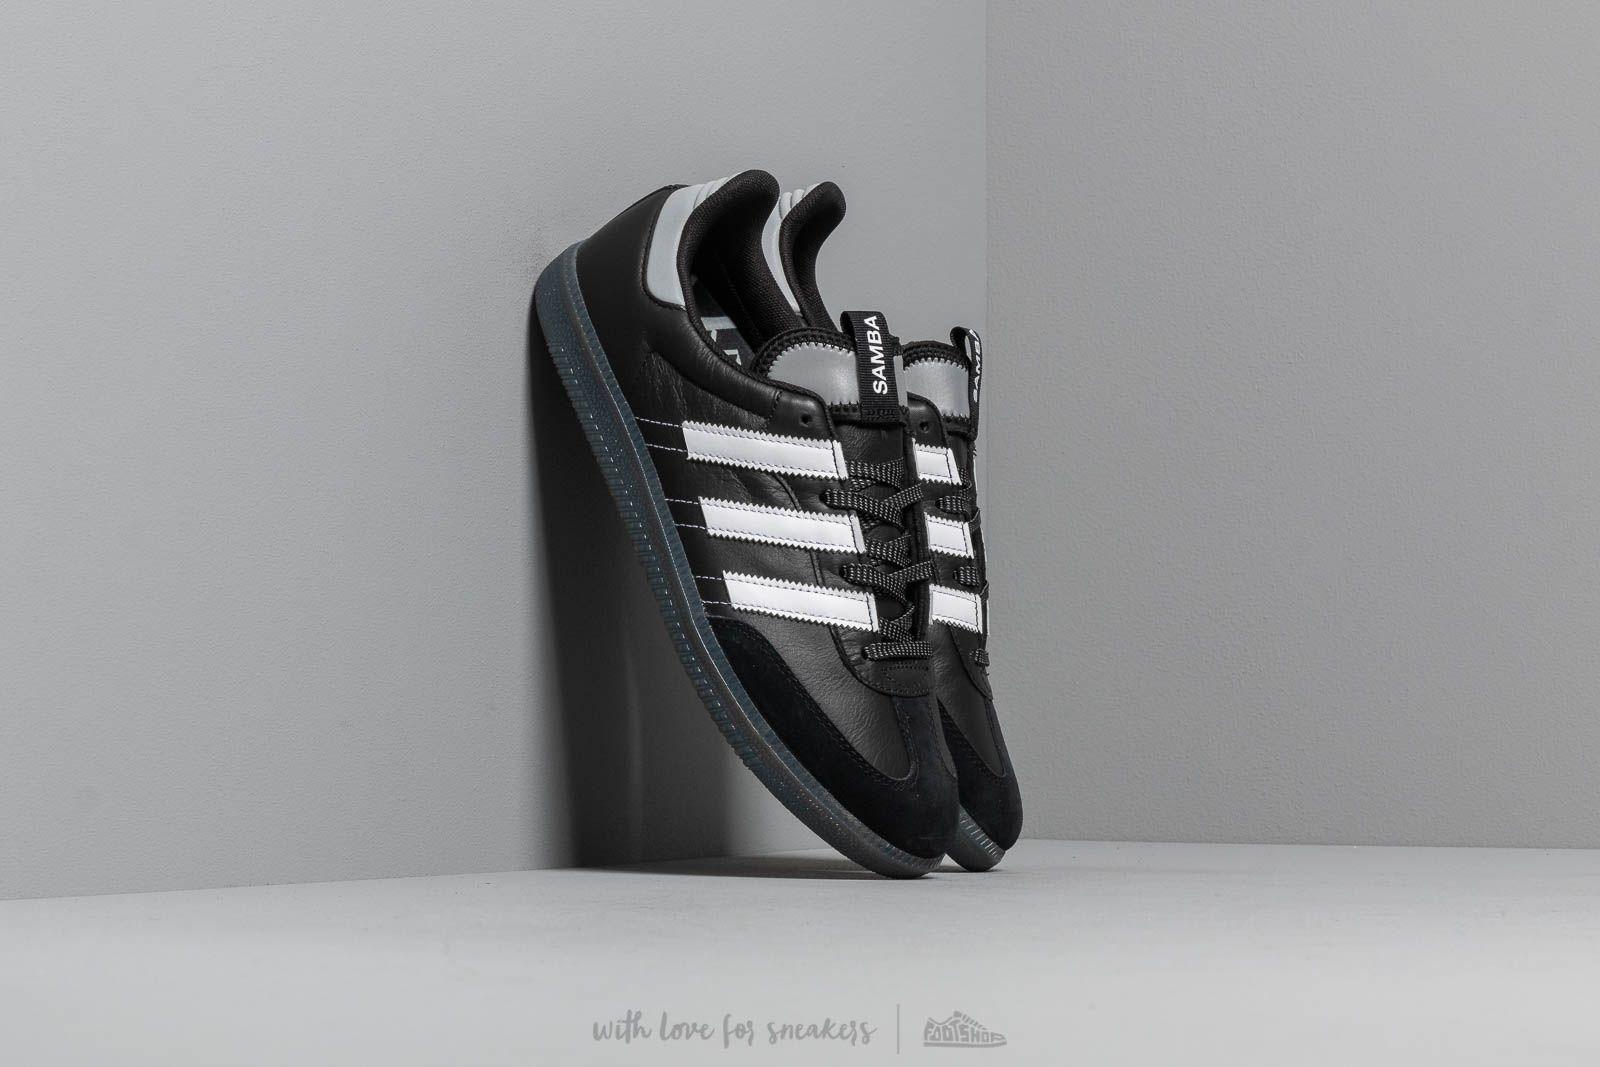 adidas Samba Og Ms Core Black/ Ftw White/ Silvmt za skvělou cenu 3 090 Kč koupíte na Footshop.cz